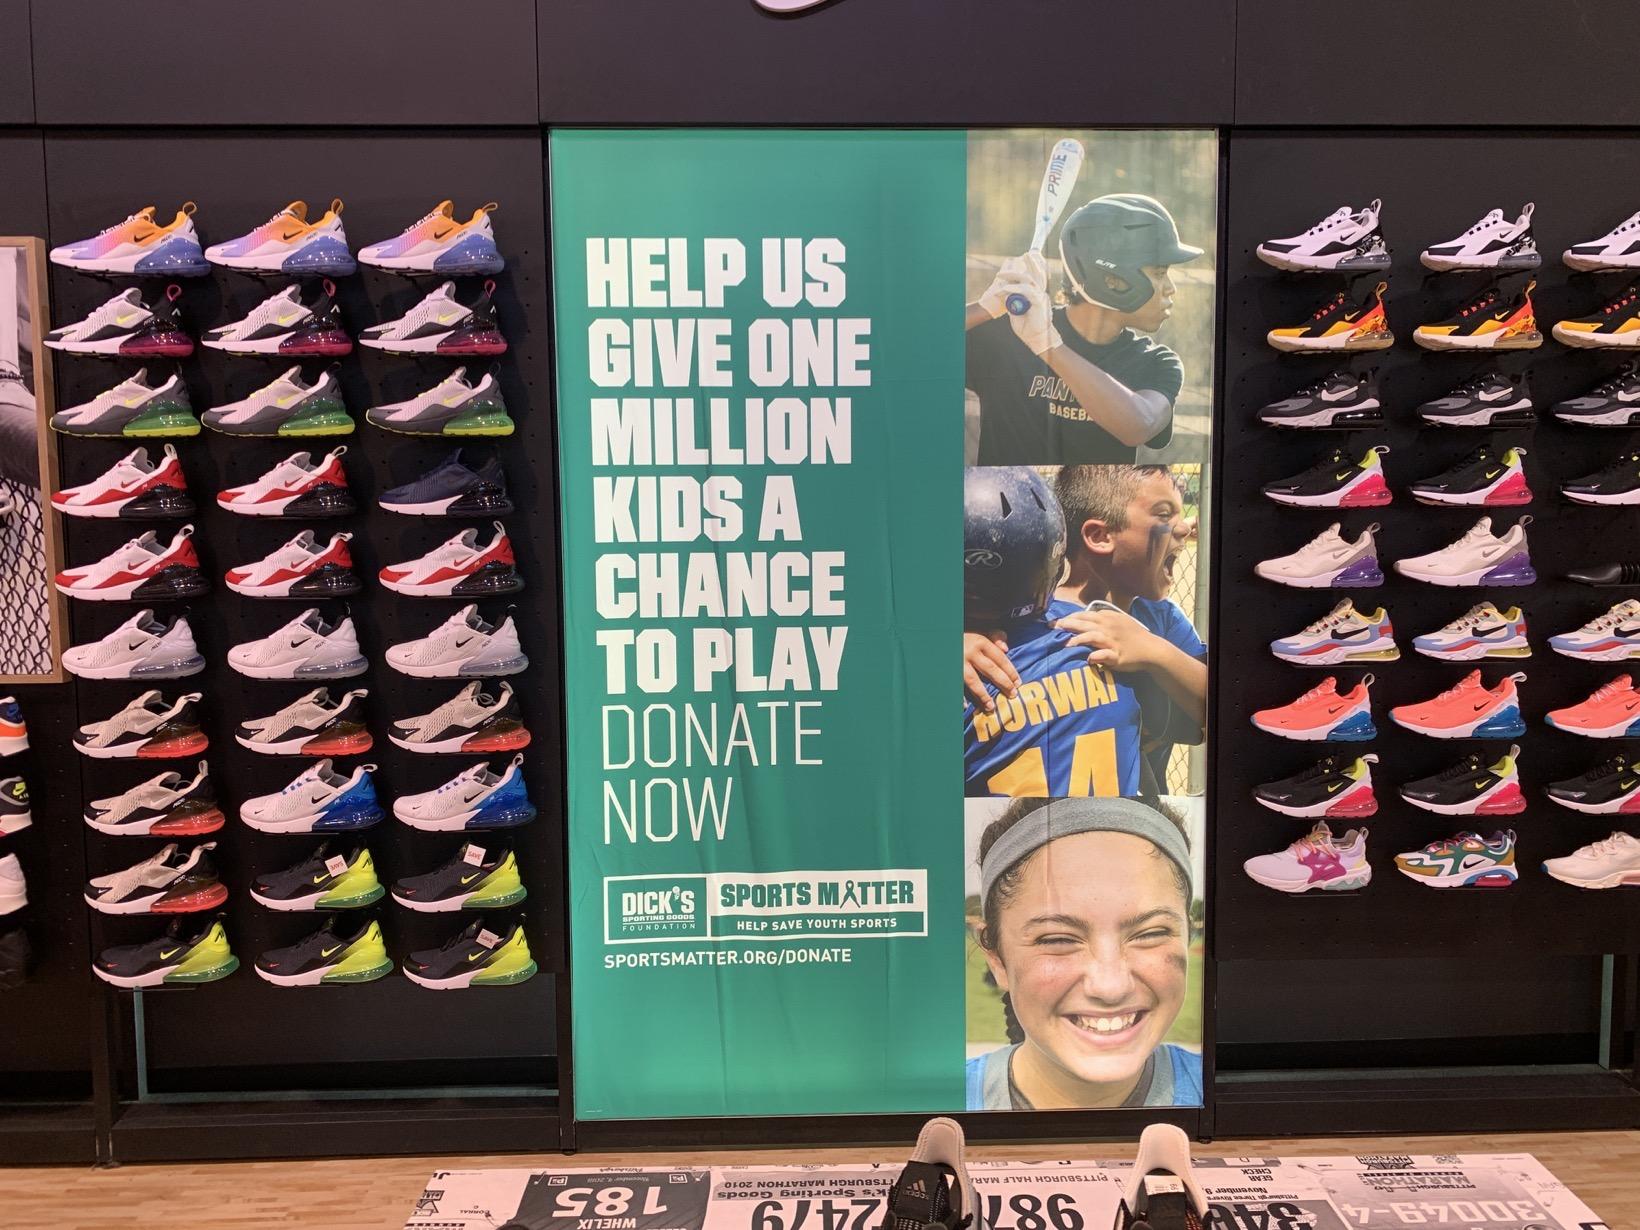 Footwear at Dick's Sporting Goods